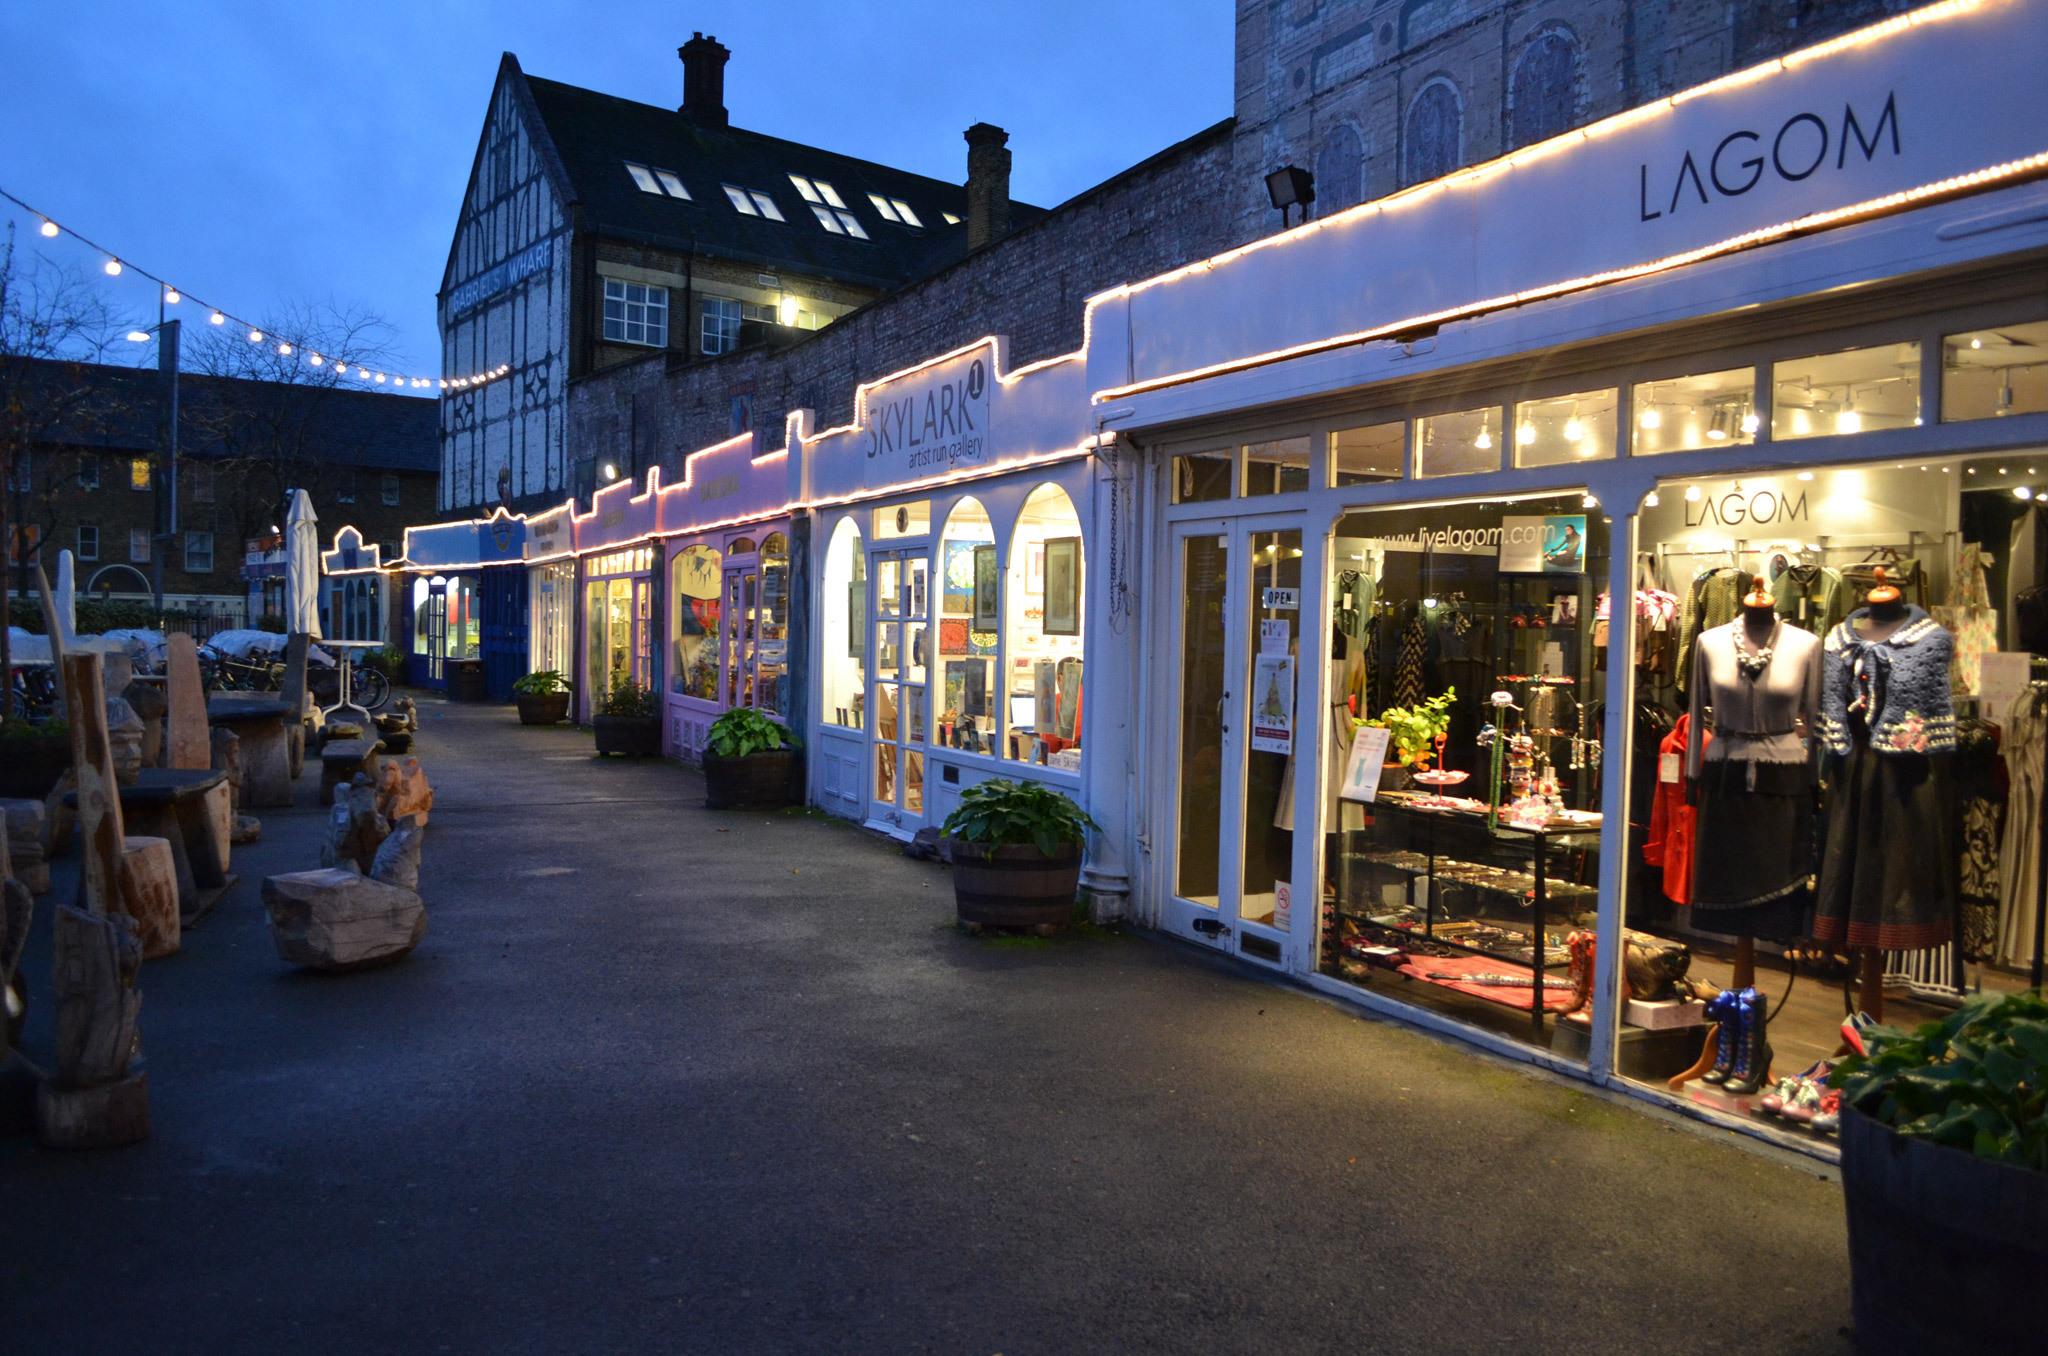 Fashion shopping at Gabriel's Wharf